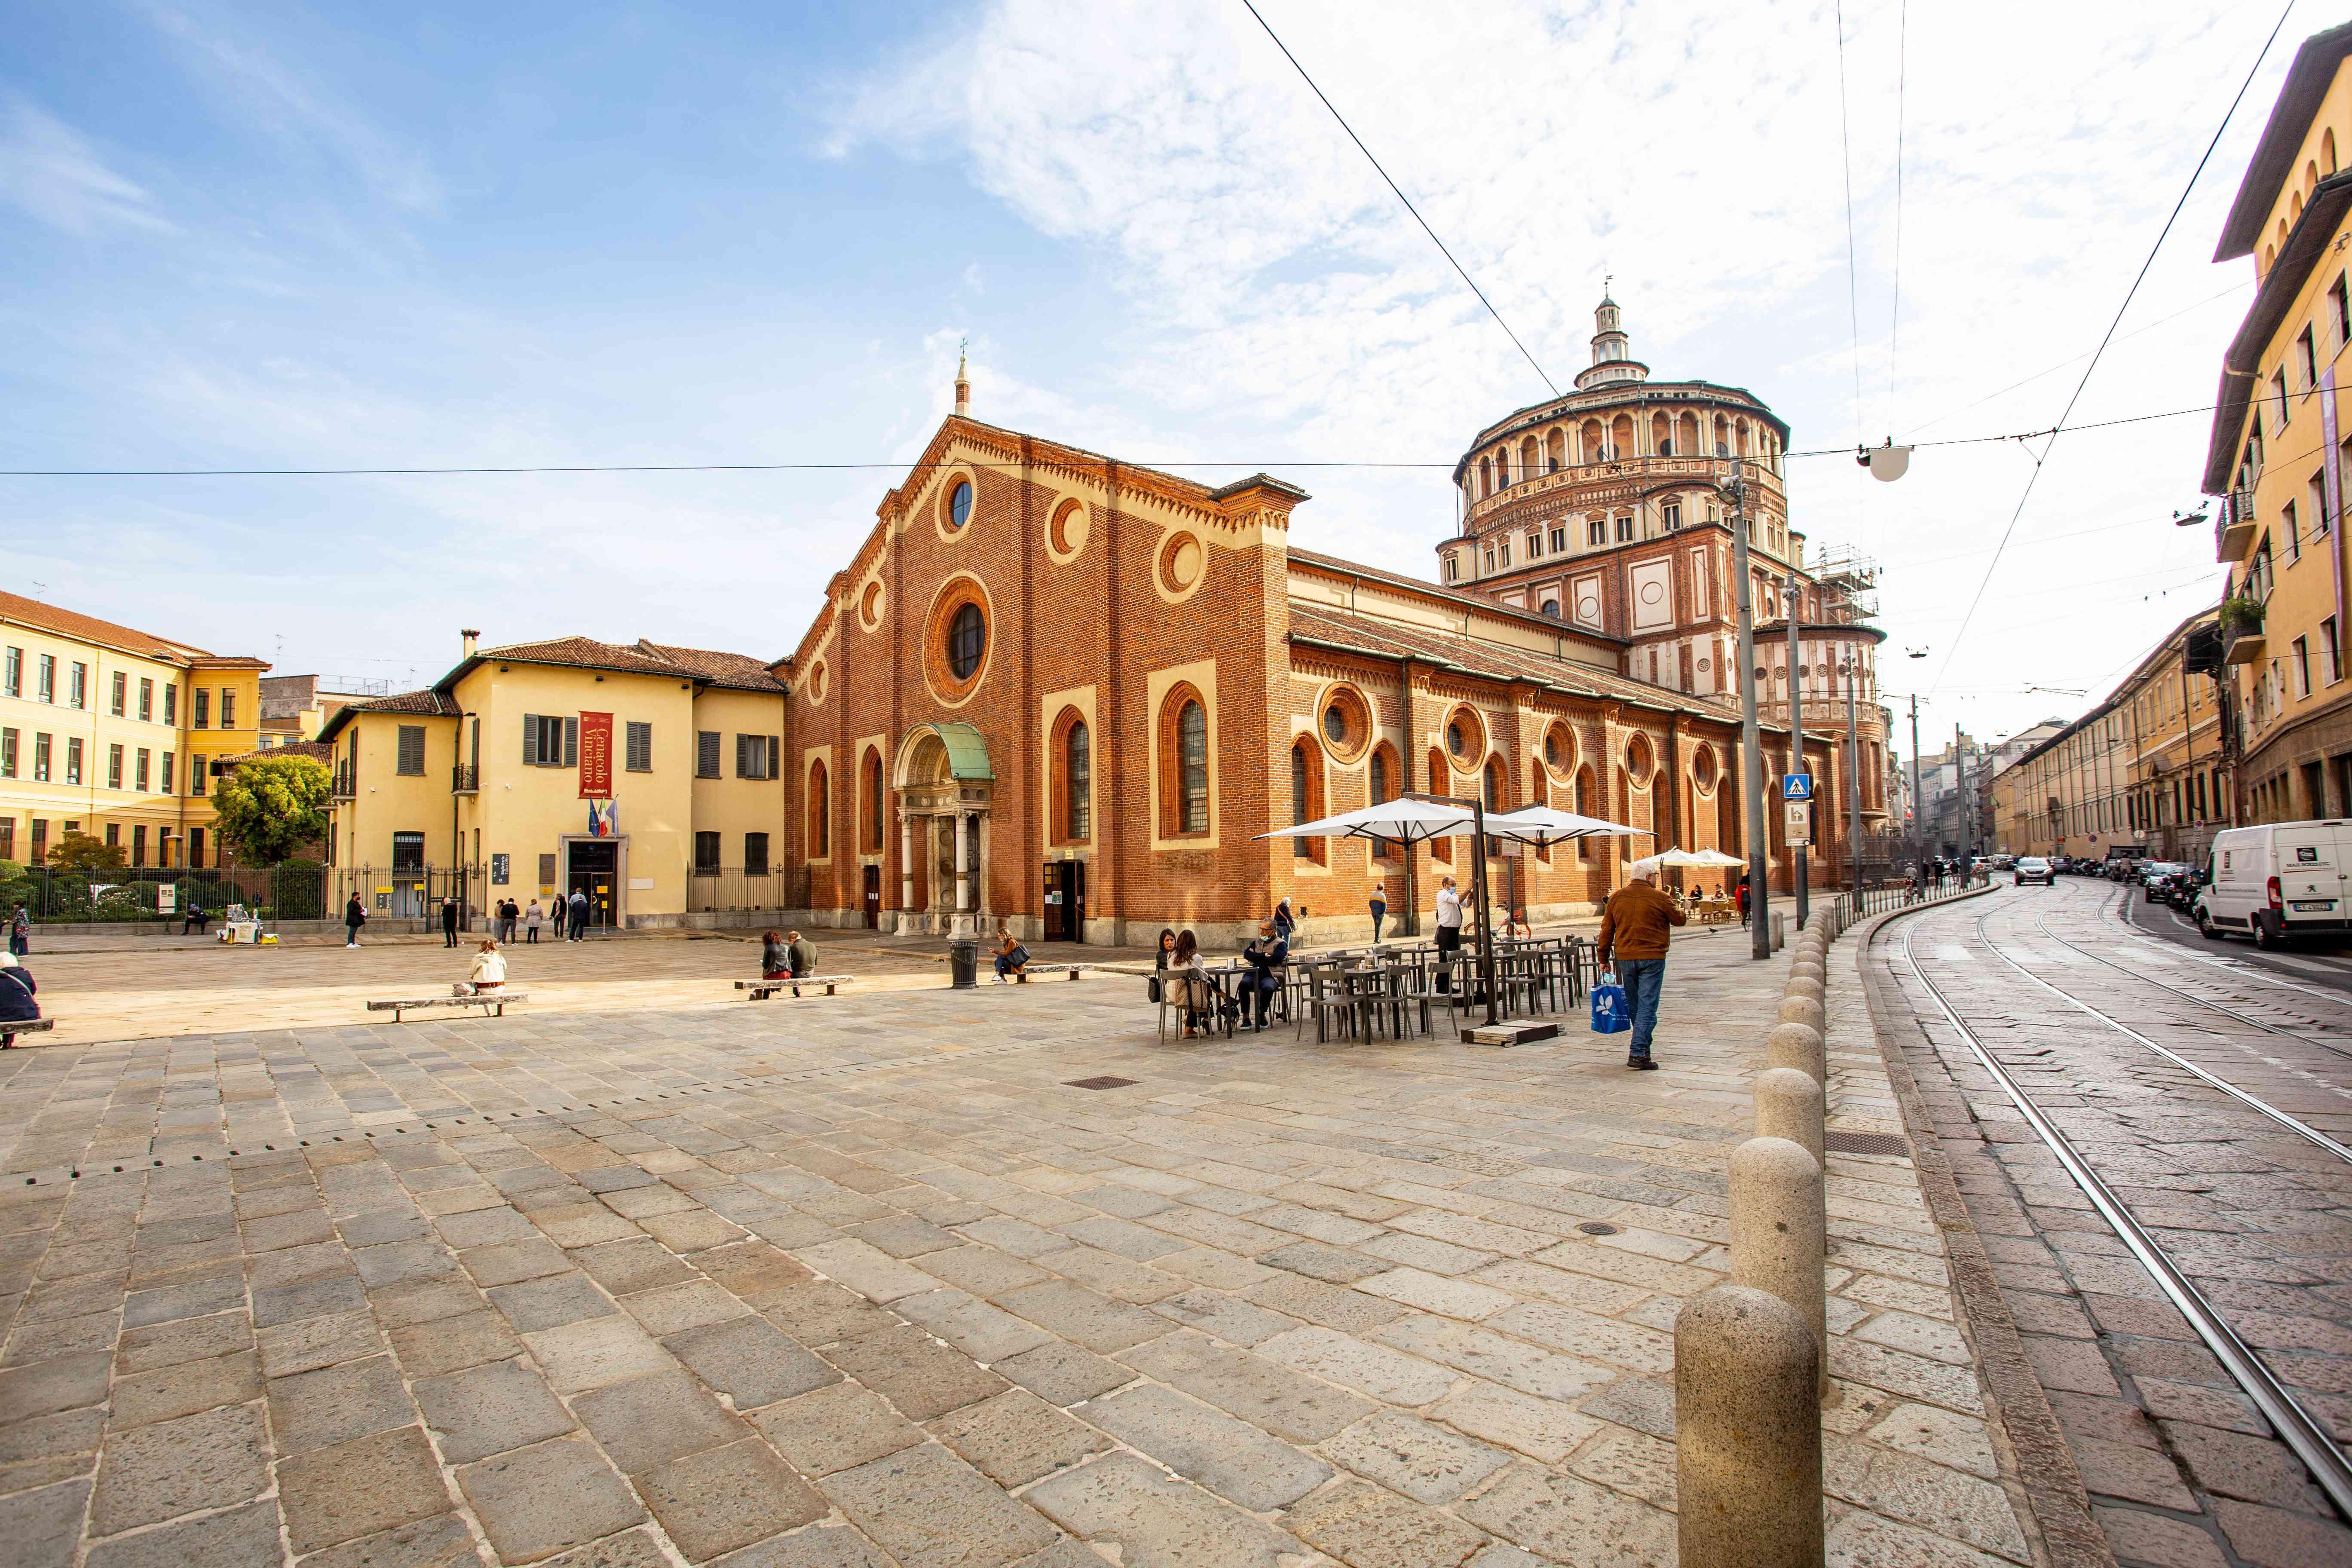 The Convent of Santa Maria della Grazie in Milan